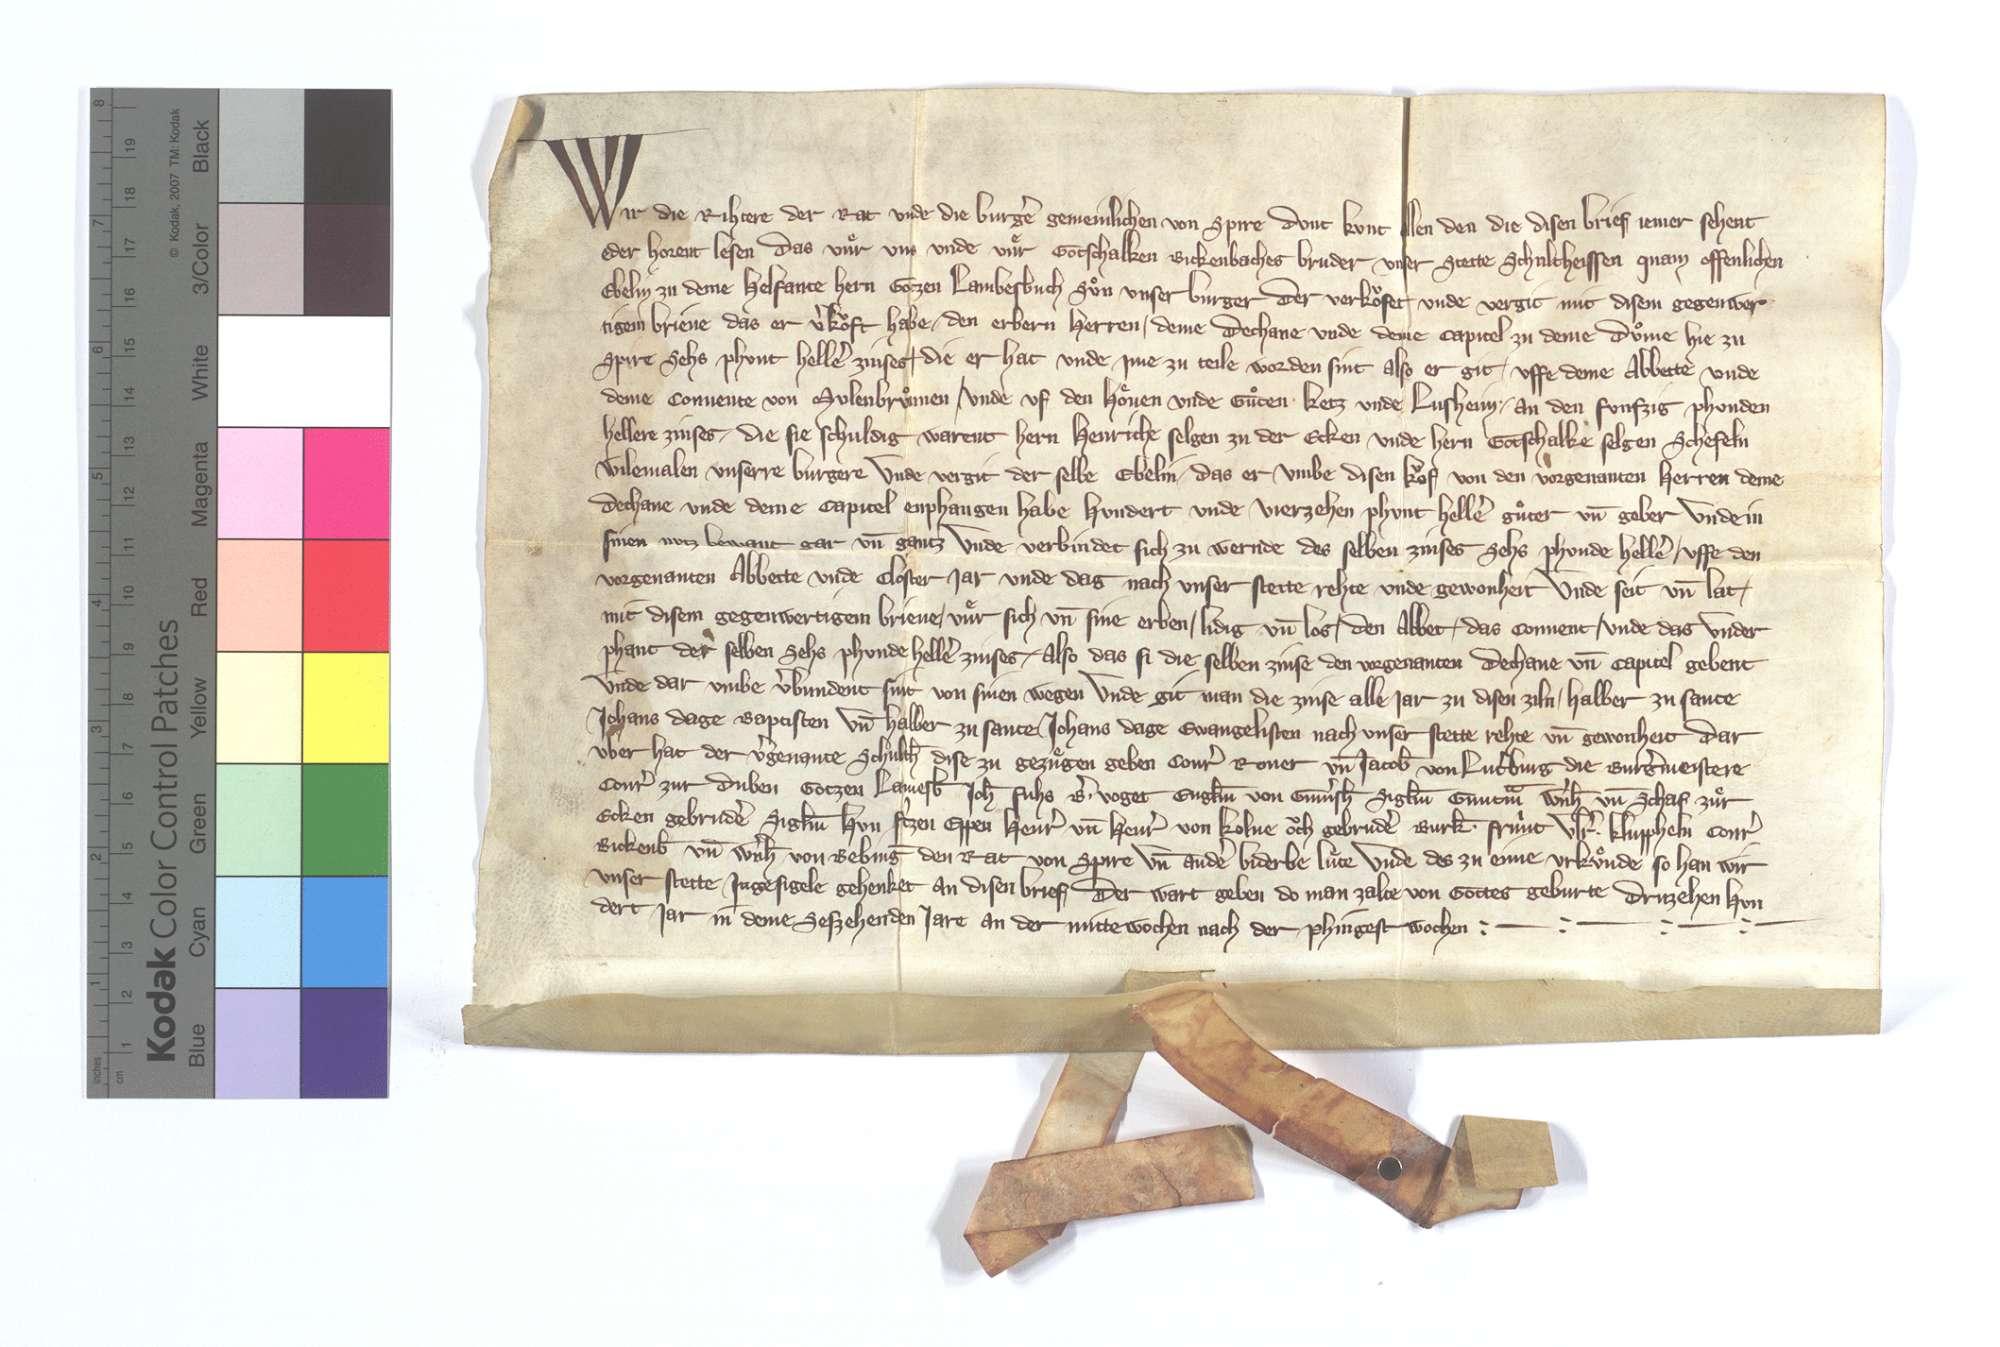 Eblin Helfant und seine Frau verkaufen dem Domstift in Speyer einen jährlichen Zins von 6 Pfund Heller aus den zwei Höfen des Klosters Maulbronn in Ketsch und Lußheim., Text